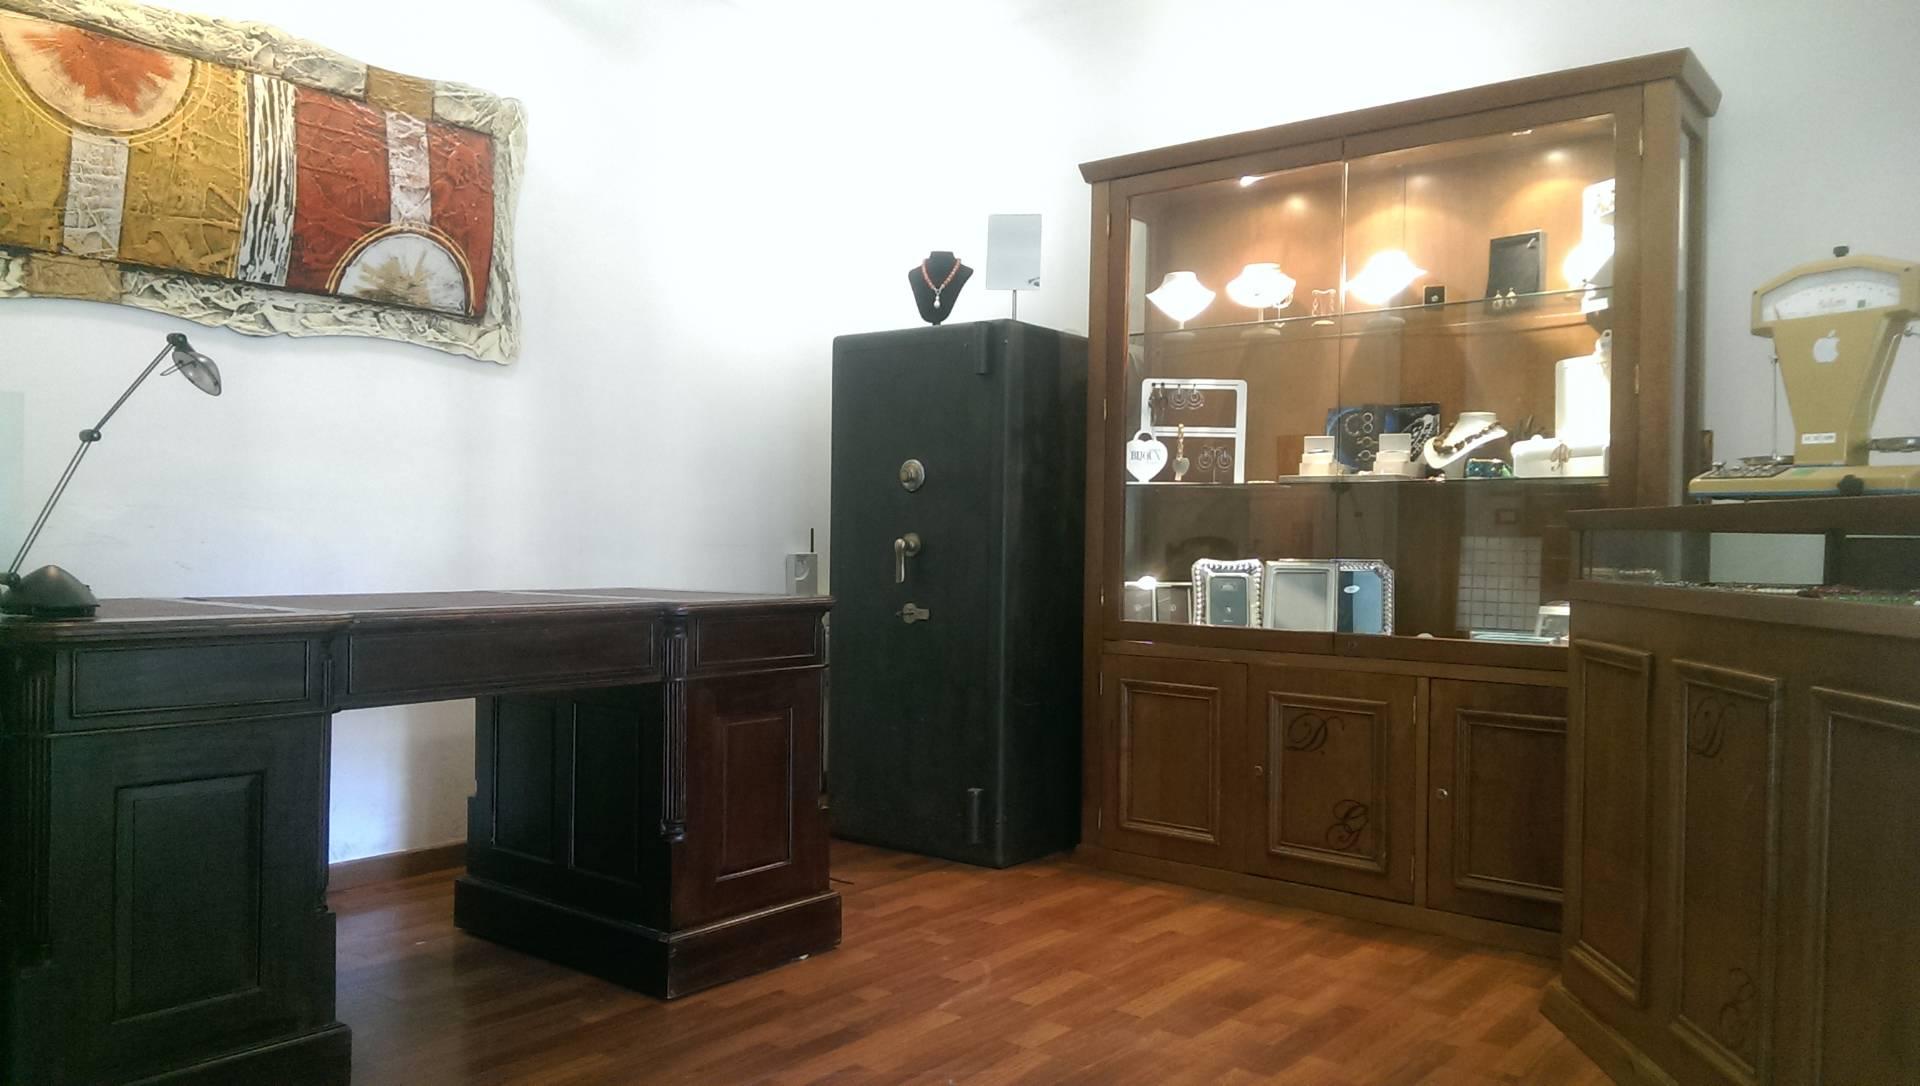 Negozio / Locale in affitto a Palermo, 9999 locali, zona Zona: Libertà, prezzo € 450 | CambioCasa.it